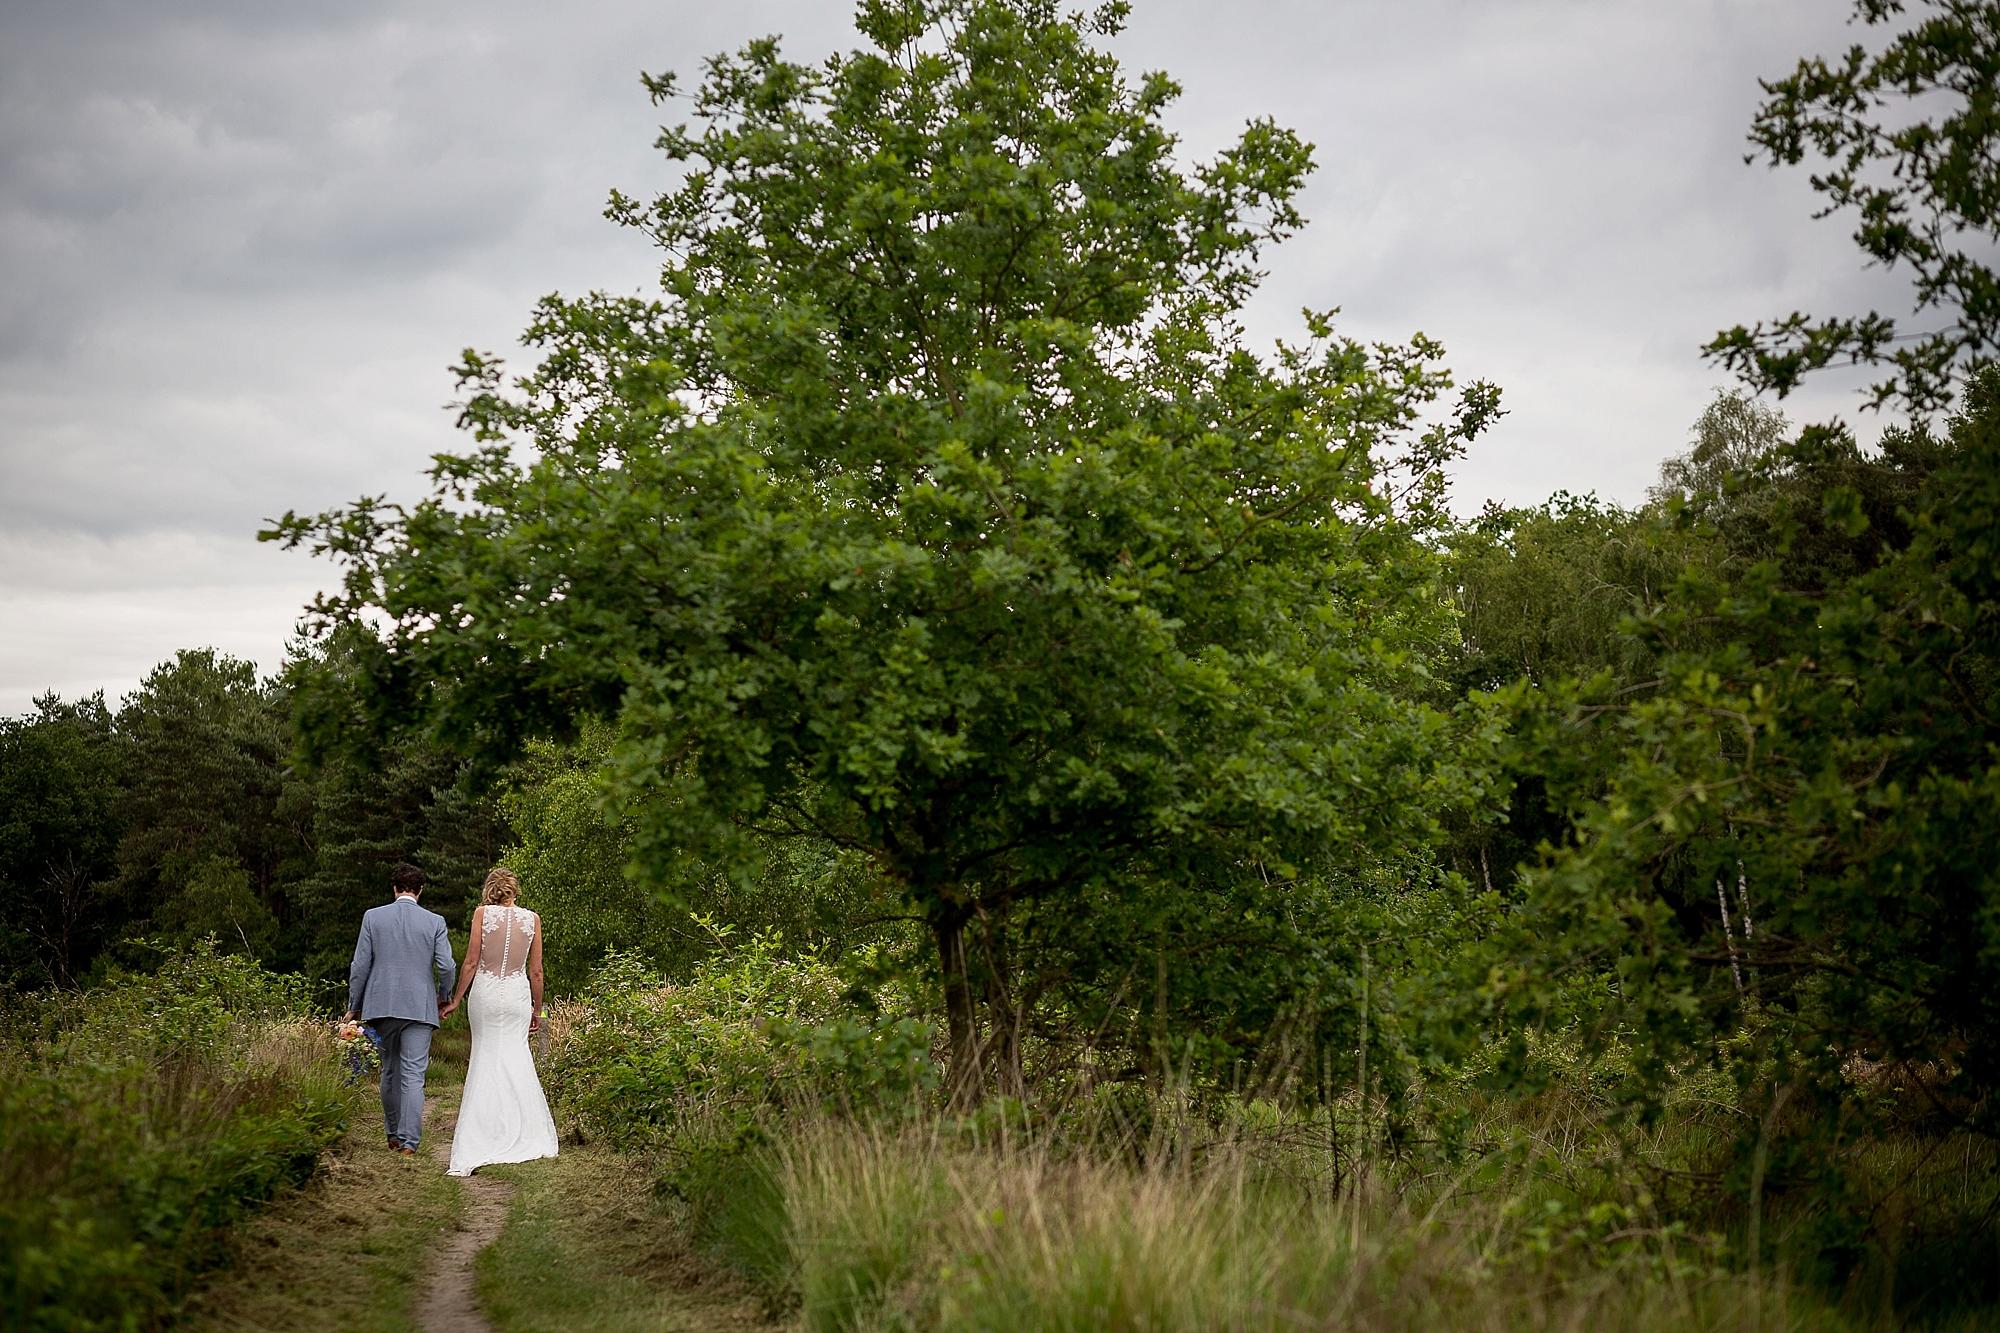 bruidsfotograaf-brabant-trouwen-in-het-bos-festivalbruiloft-vught-haaren_0082.jpg